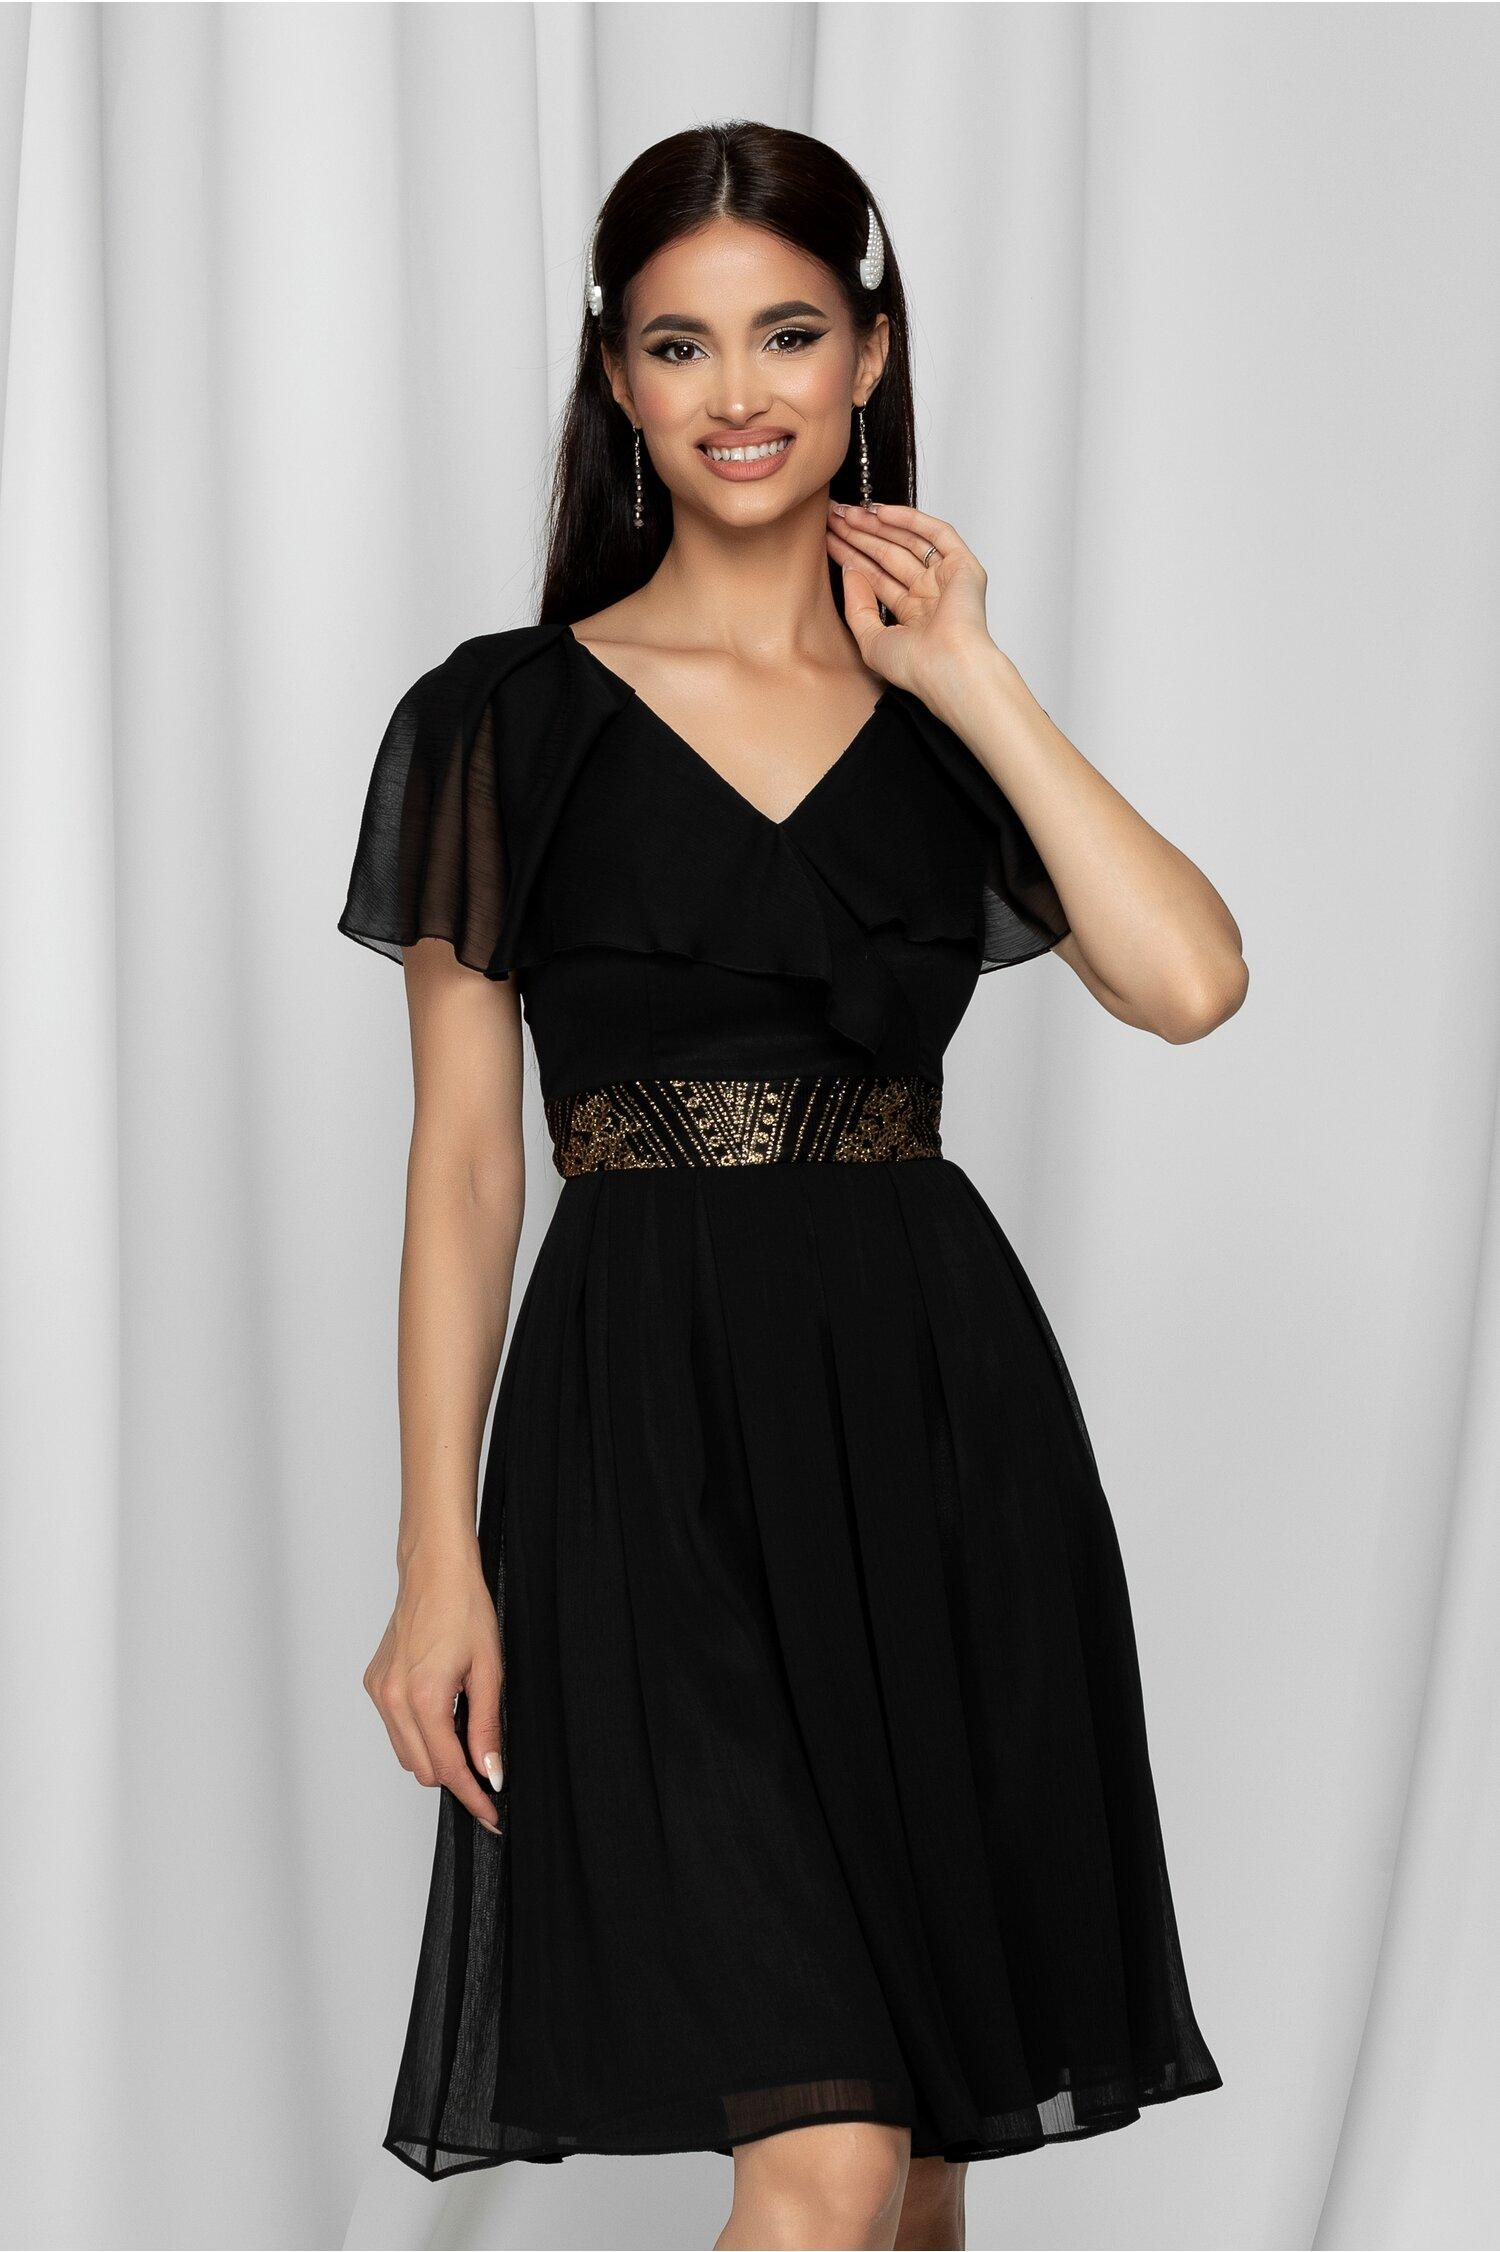 Rochie Anais neagra accesorizata cu brau auriu in talie